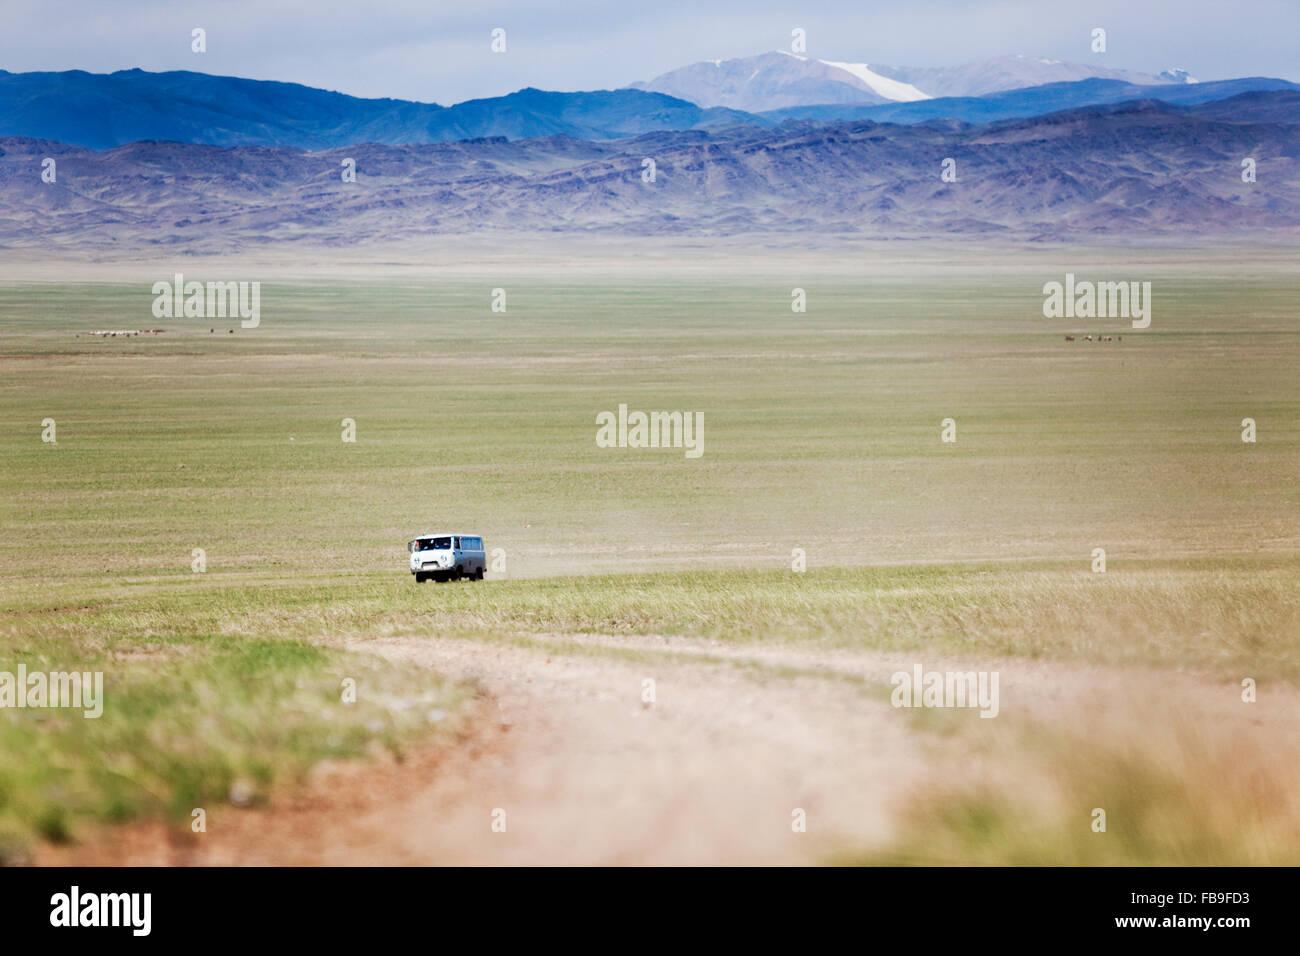 Une fédération de 'Pain' van sur la route à l'extrême ouest de la Mongolie. Banque D'Images